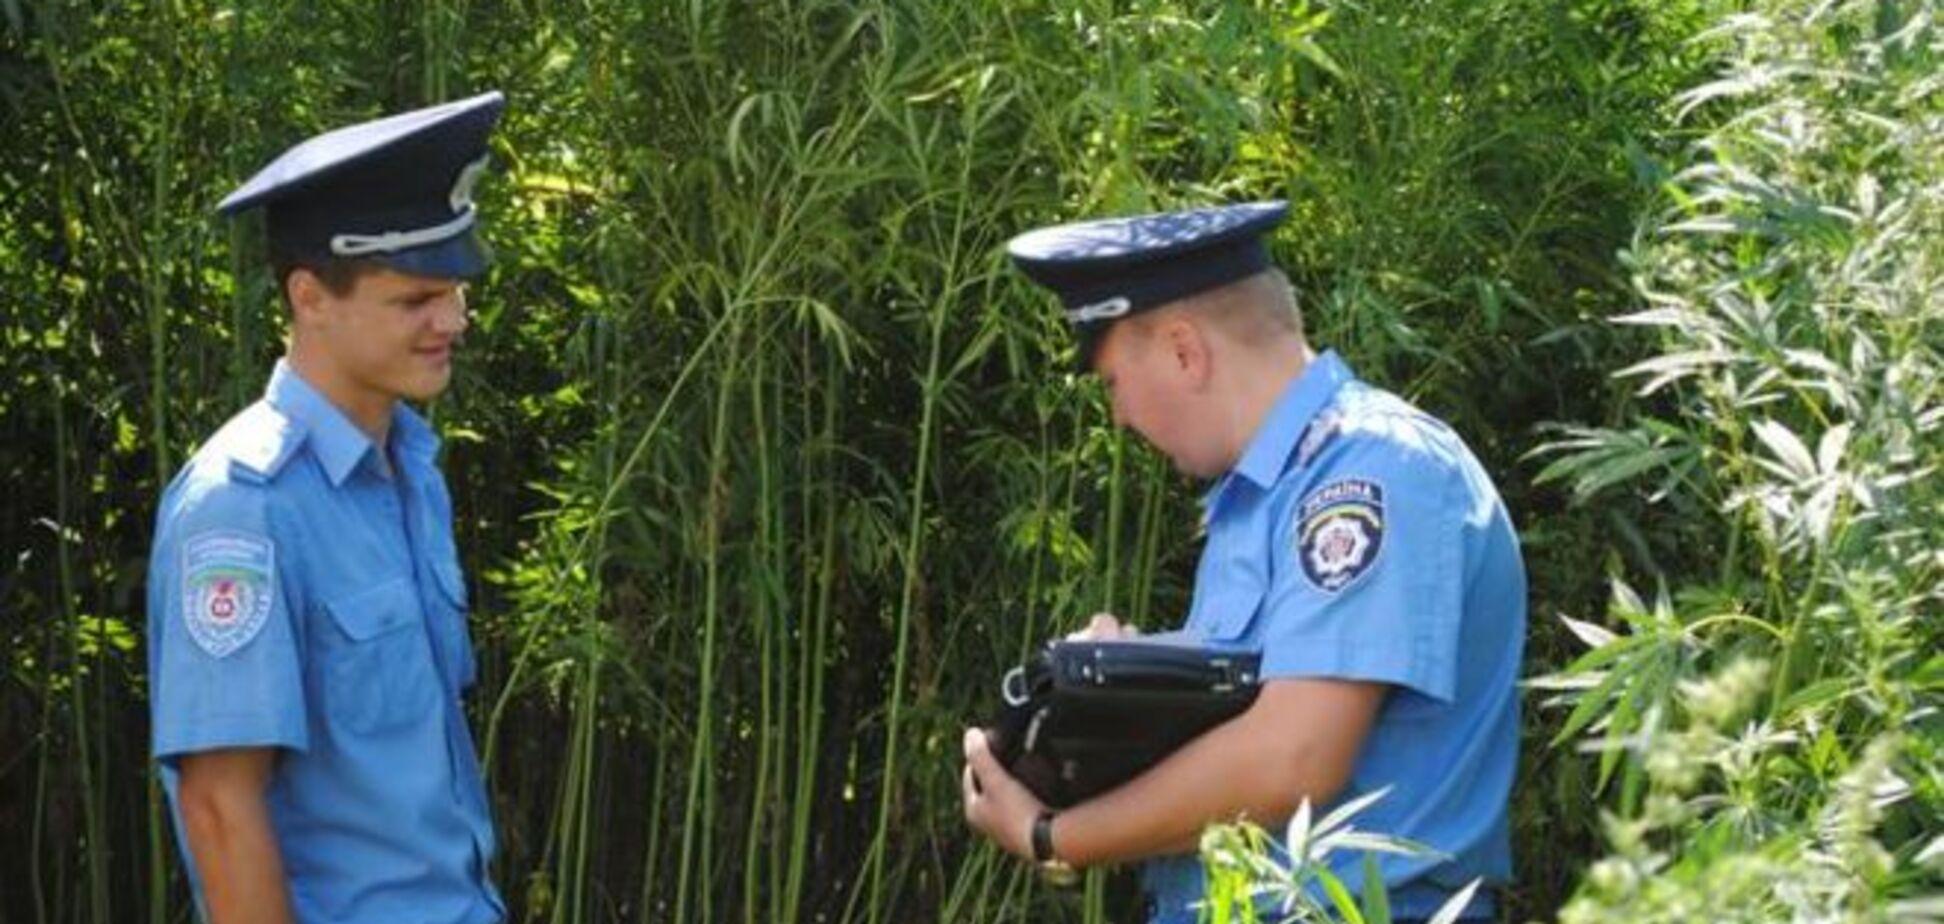 Міліціонери в Тернополі підкидали людям наркотики і вимагали відкуп